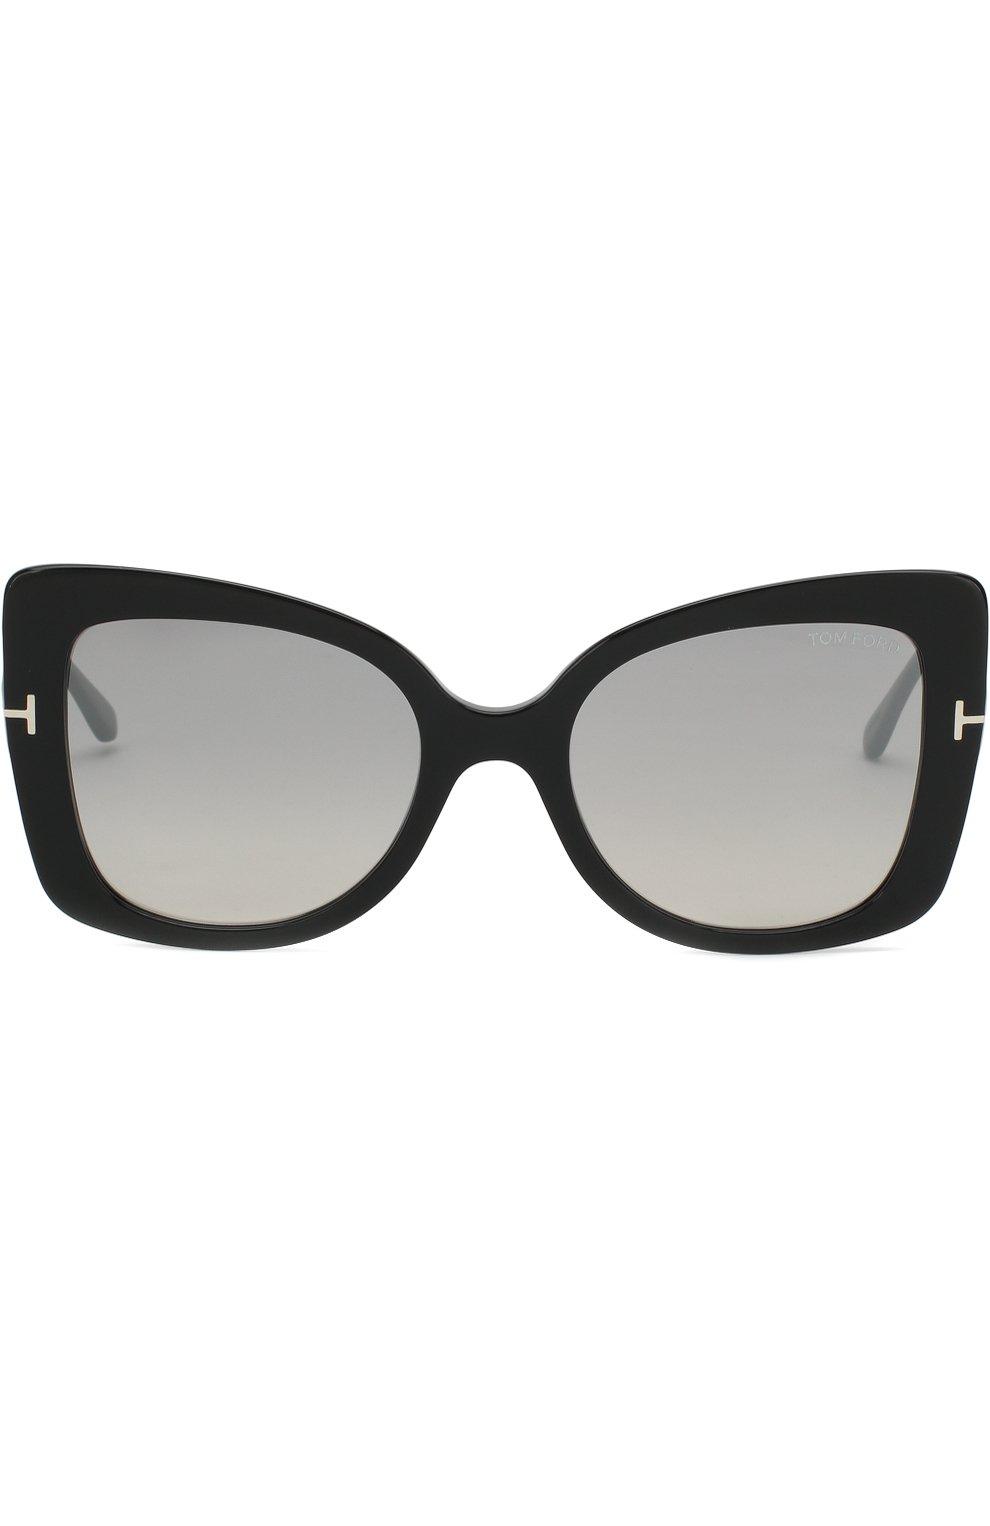 Женские солнцезащитные очки TOM FORD черного цвета, арт. TF609 01C | Фото 3